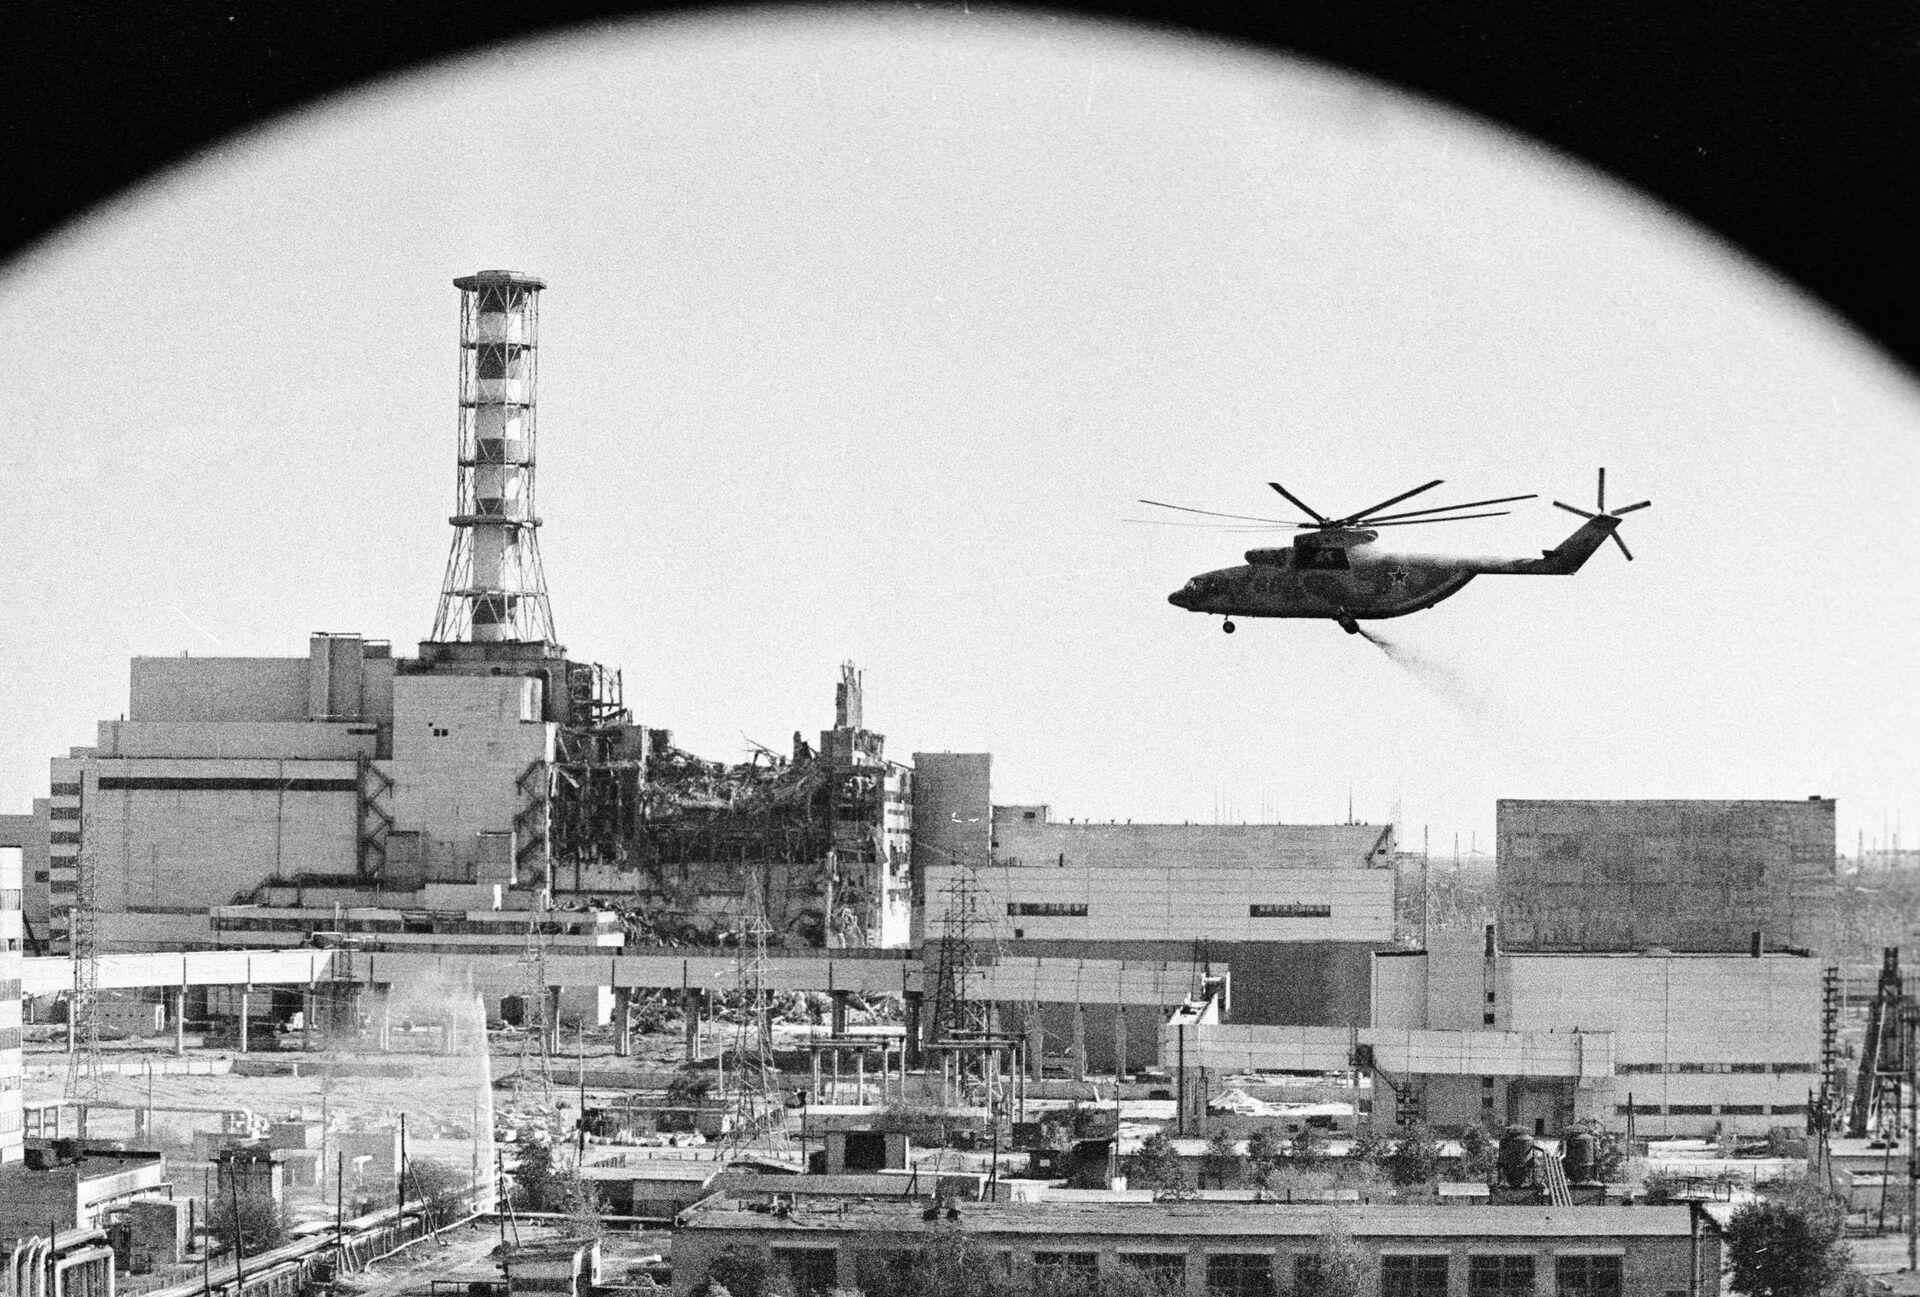 35 lat po katastrofie w Czarnobylu: atak terrorystyczny, szpiedzy i radioaktywna chmura nad Polską - Sputnik Polska, 1920, 26.04.2021